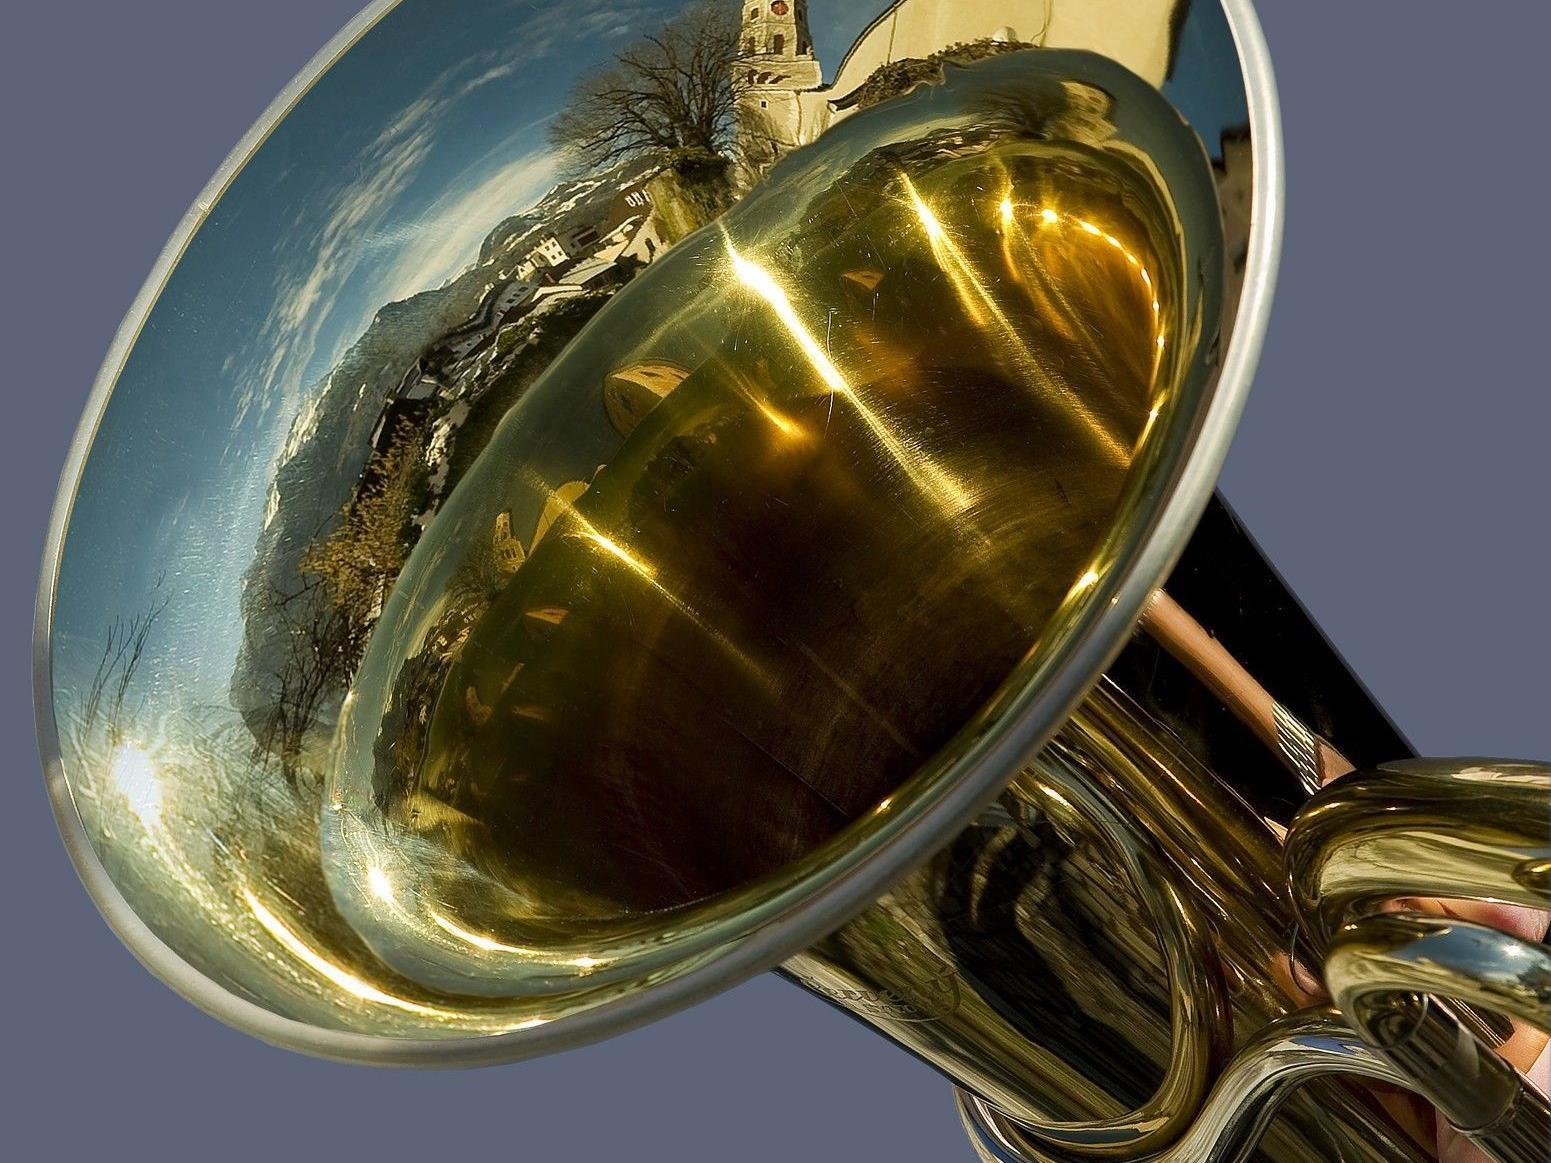 Die Tuba von Karl Huber, deren Töne in der Kulturnacht erklingen.